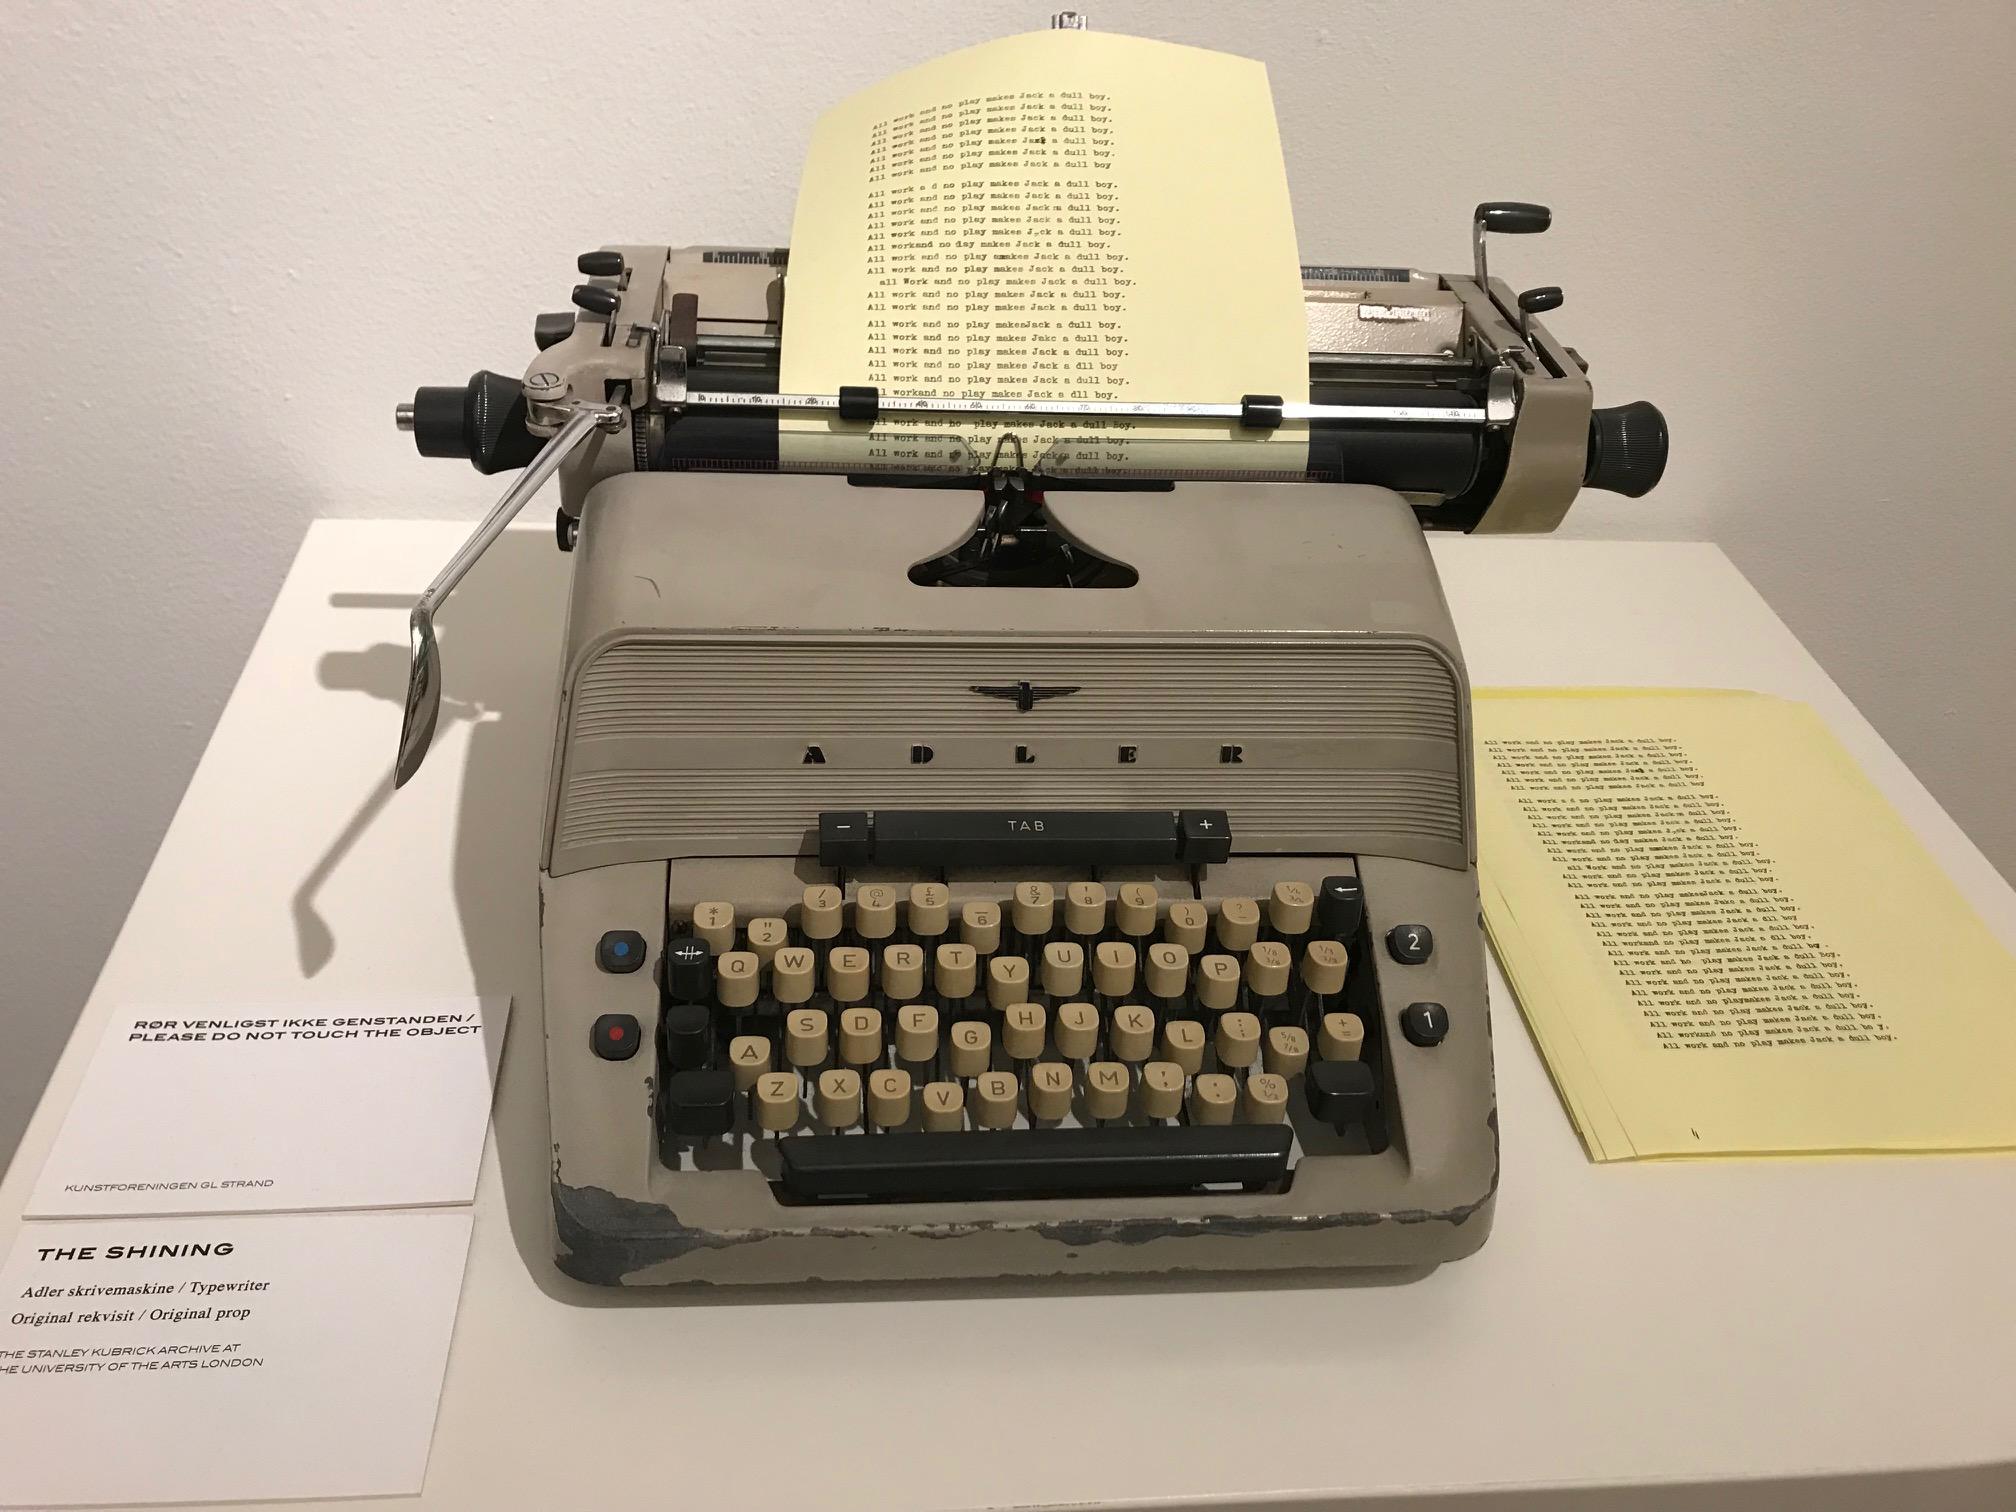 2017_Kubrick_Shining_Typewriter